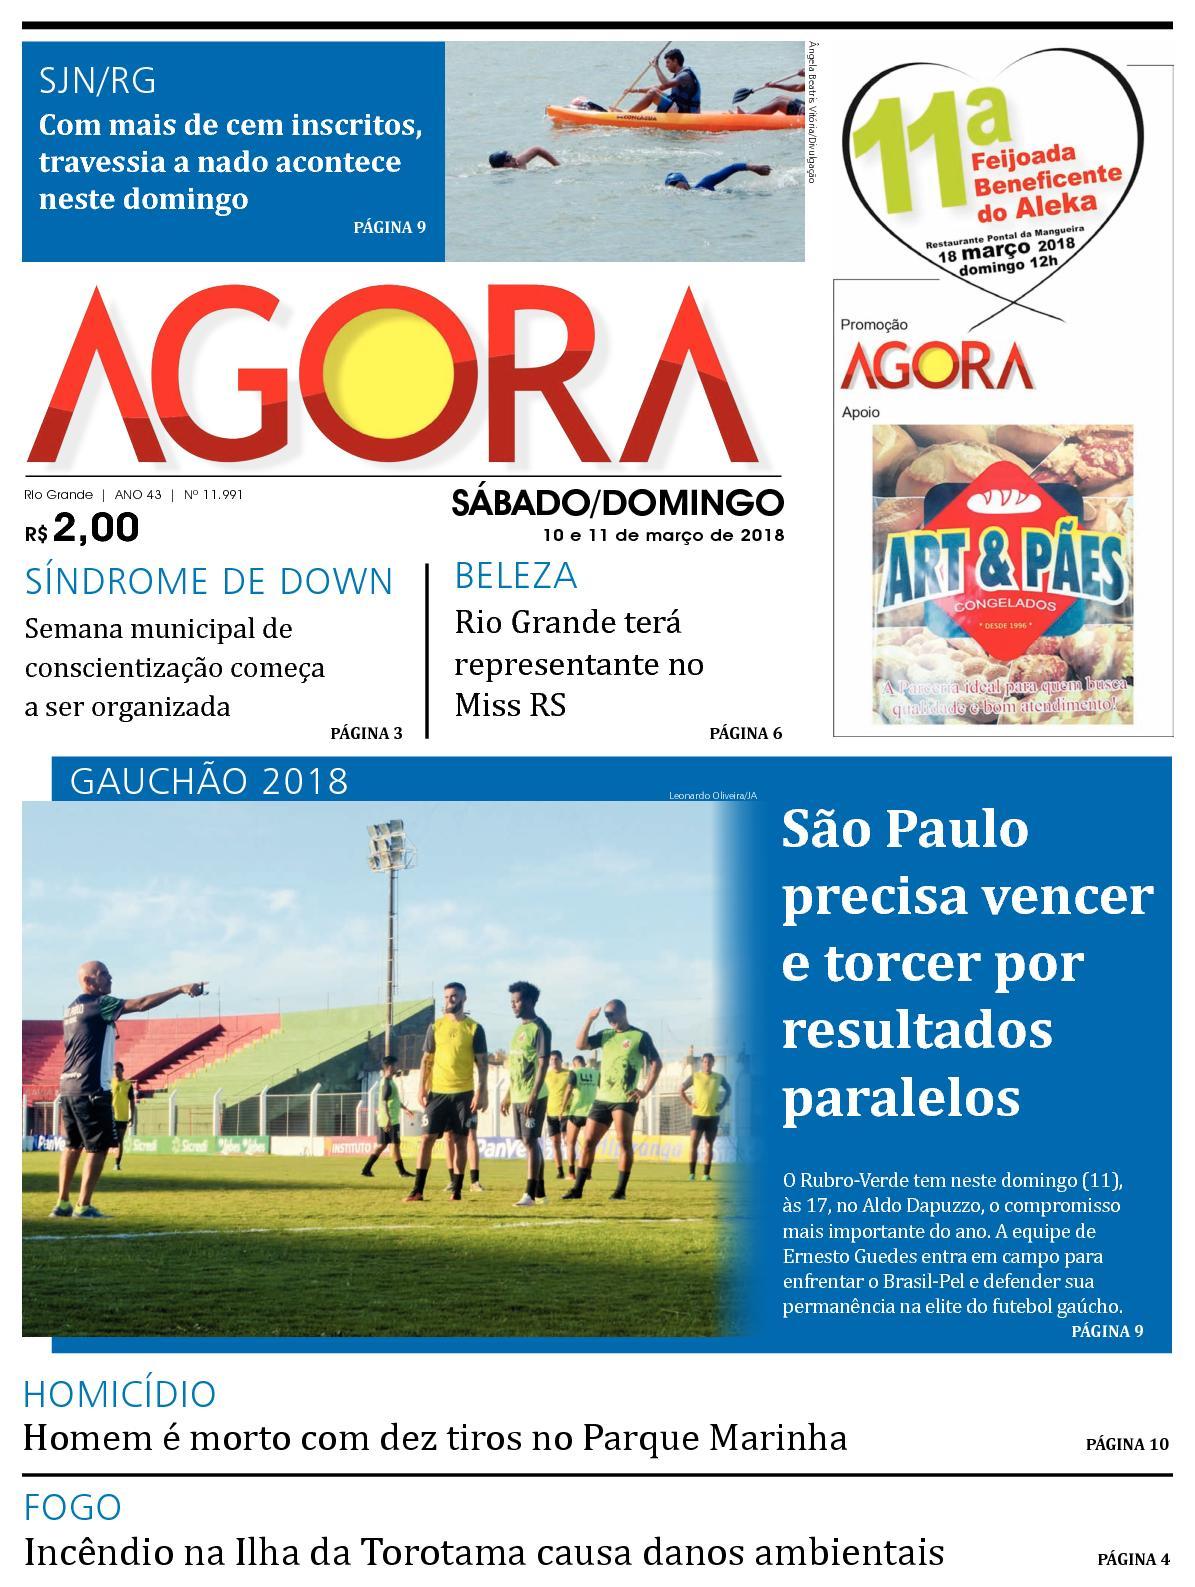 Calaméo - Jornal Agora - Edição 11991 - 10 e 11 de Março de 2018 8af077953e876